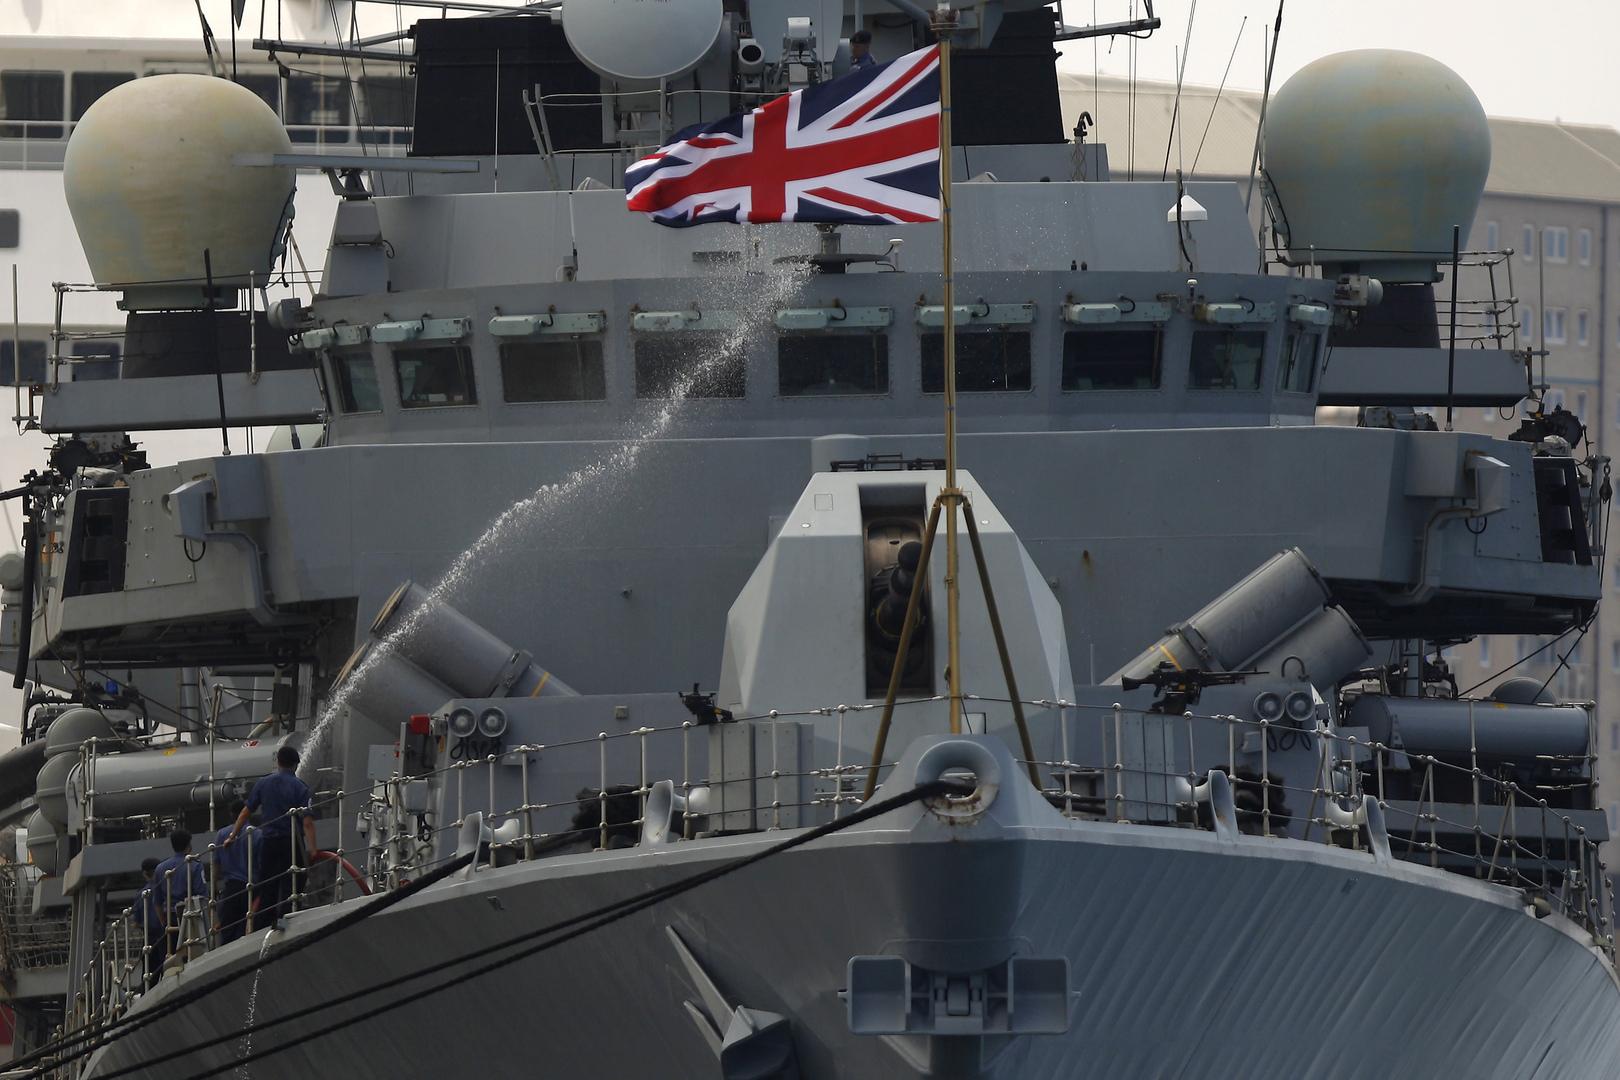 موسكو تكشف هدف الغرب من إرسال سفن عسكرية إلى البحر الأسود